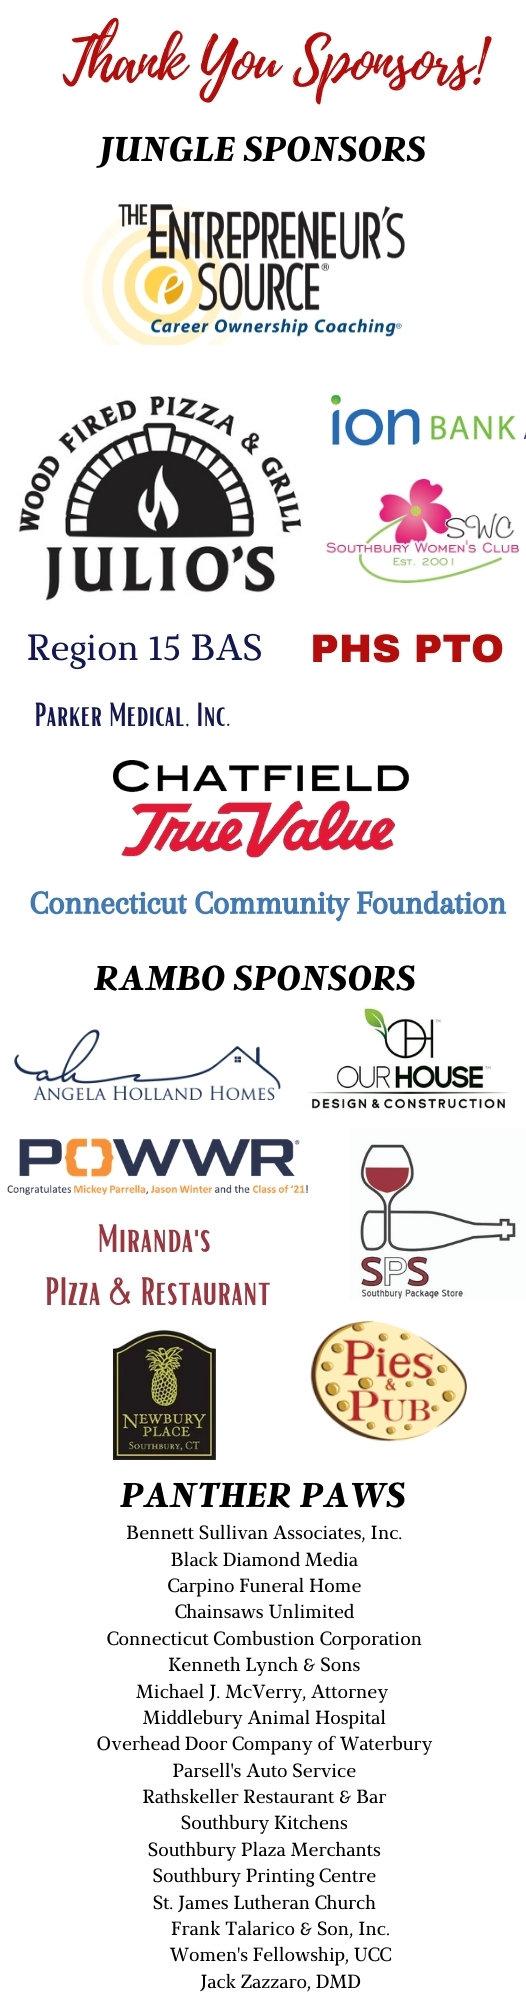 Copy of gradnite sponsors.jpg